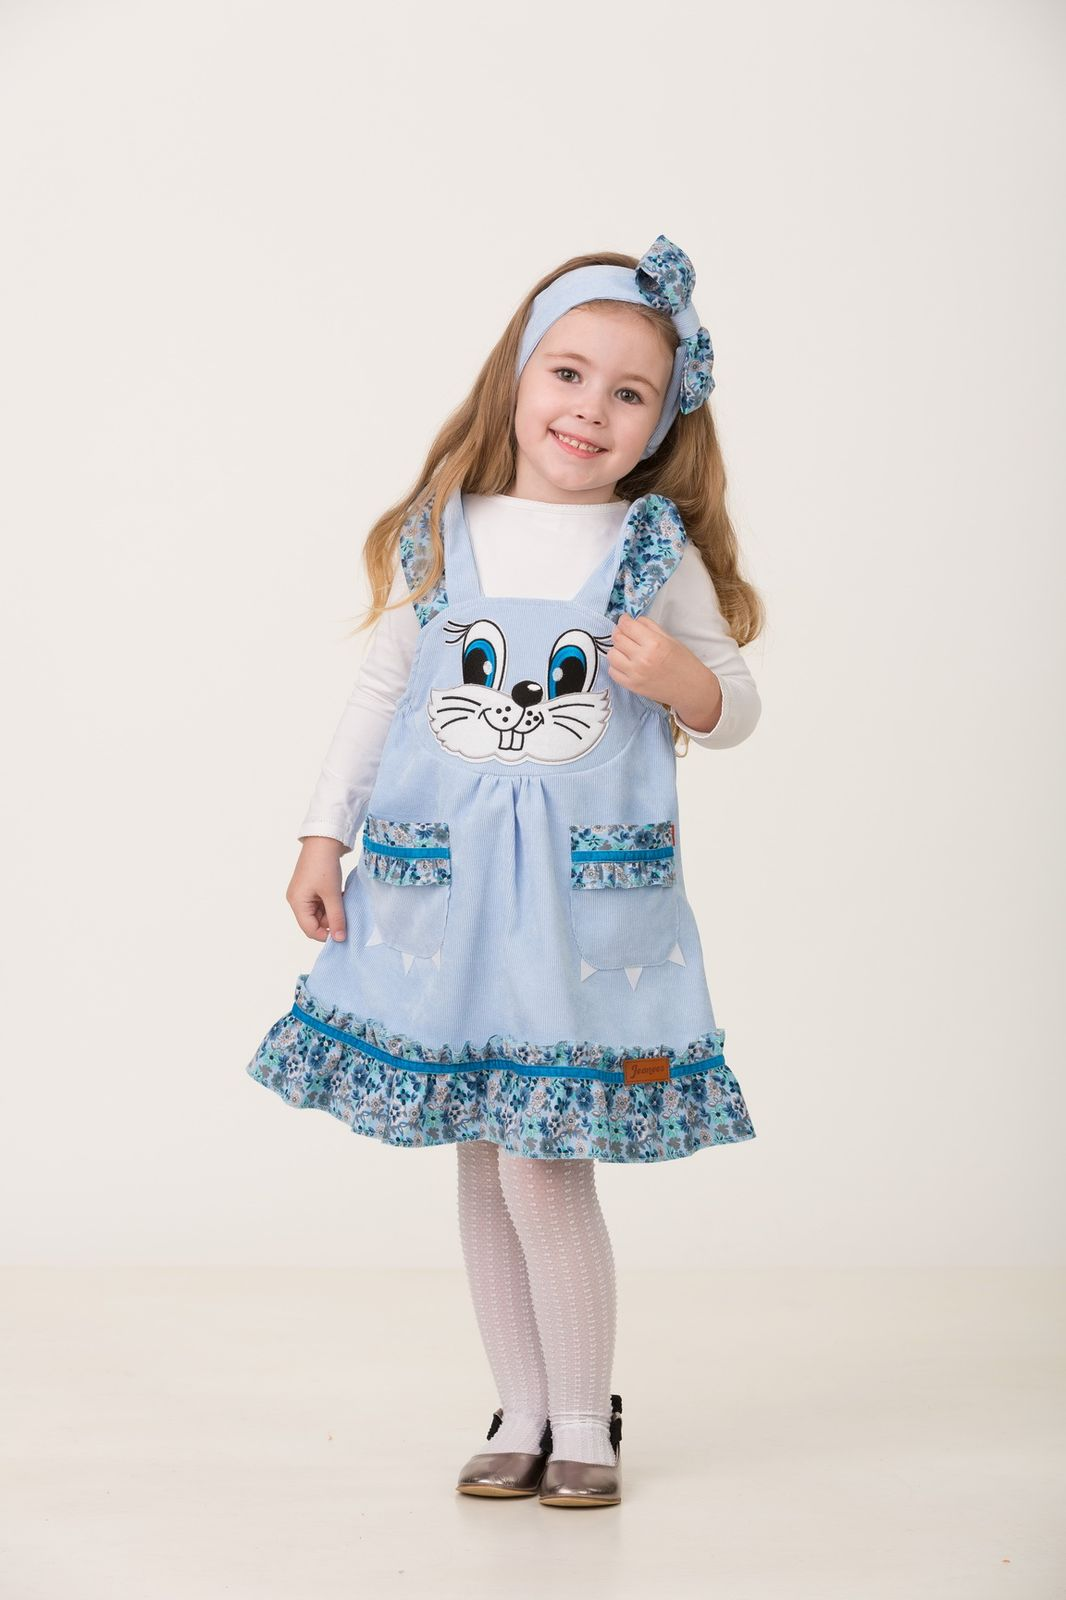 Карнавальный костюм Jeanees Зайка Капризка, цвет: голубой. Размер: 30 карнавальный костюм jeanees зайка капризка цвет голубой размер 30